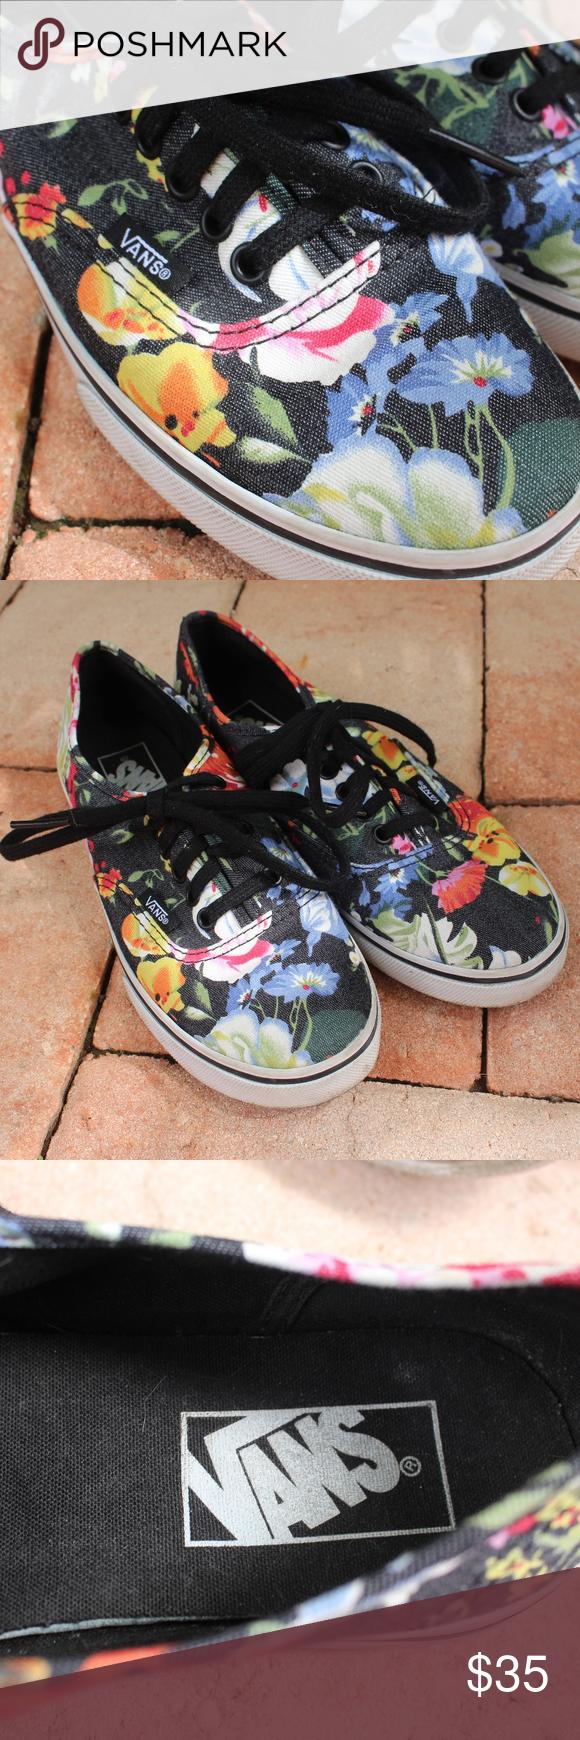 ef60971a3d Black Floral Vans 🌿Pre-owned Floral Vans Shoes 🌿 Size  Woman s US 6    Men s US 4.5 Color  Black w  Colorful Flowers Style  Authentic Vans  Condition  Great ...